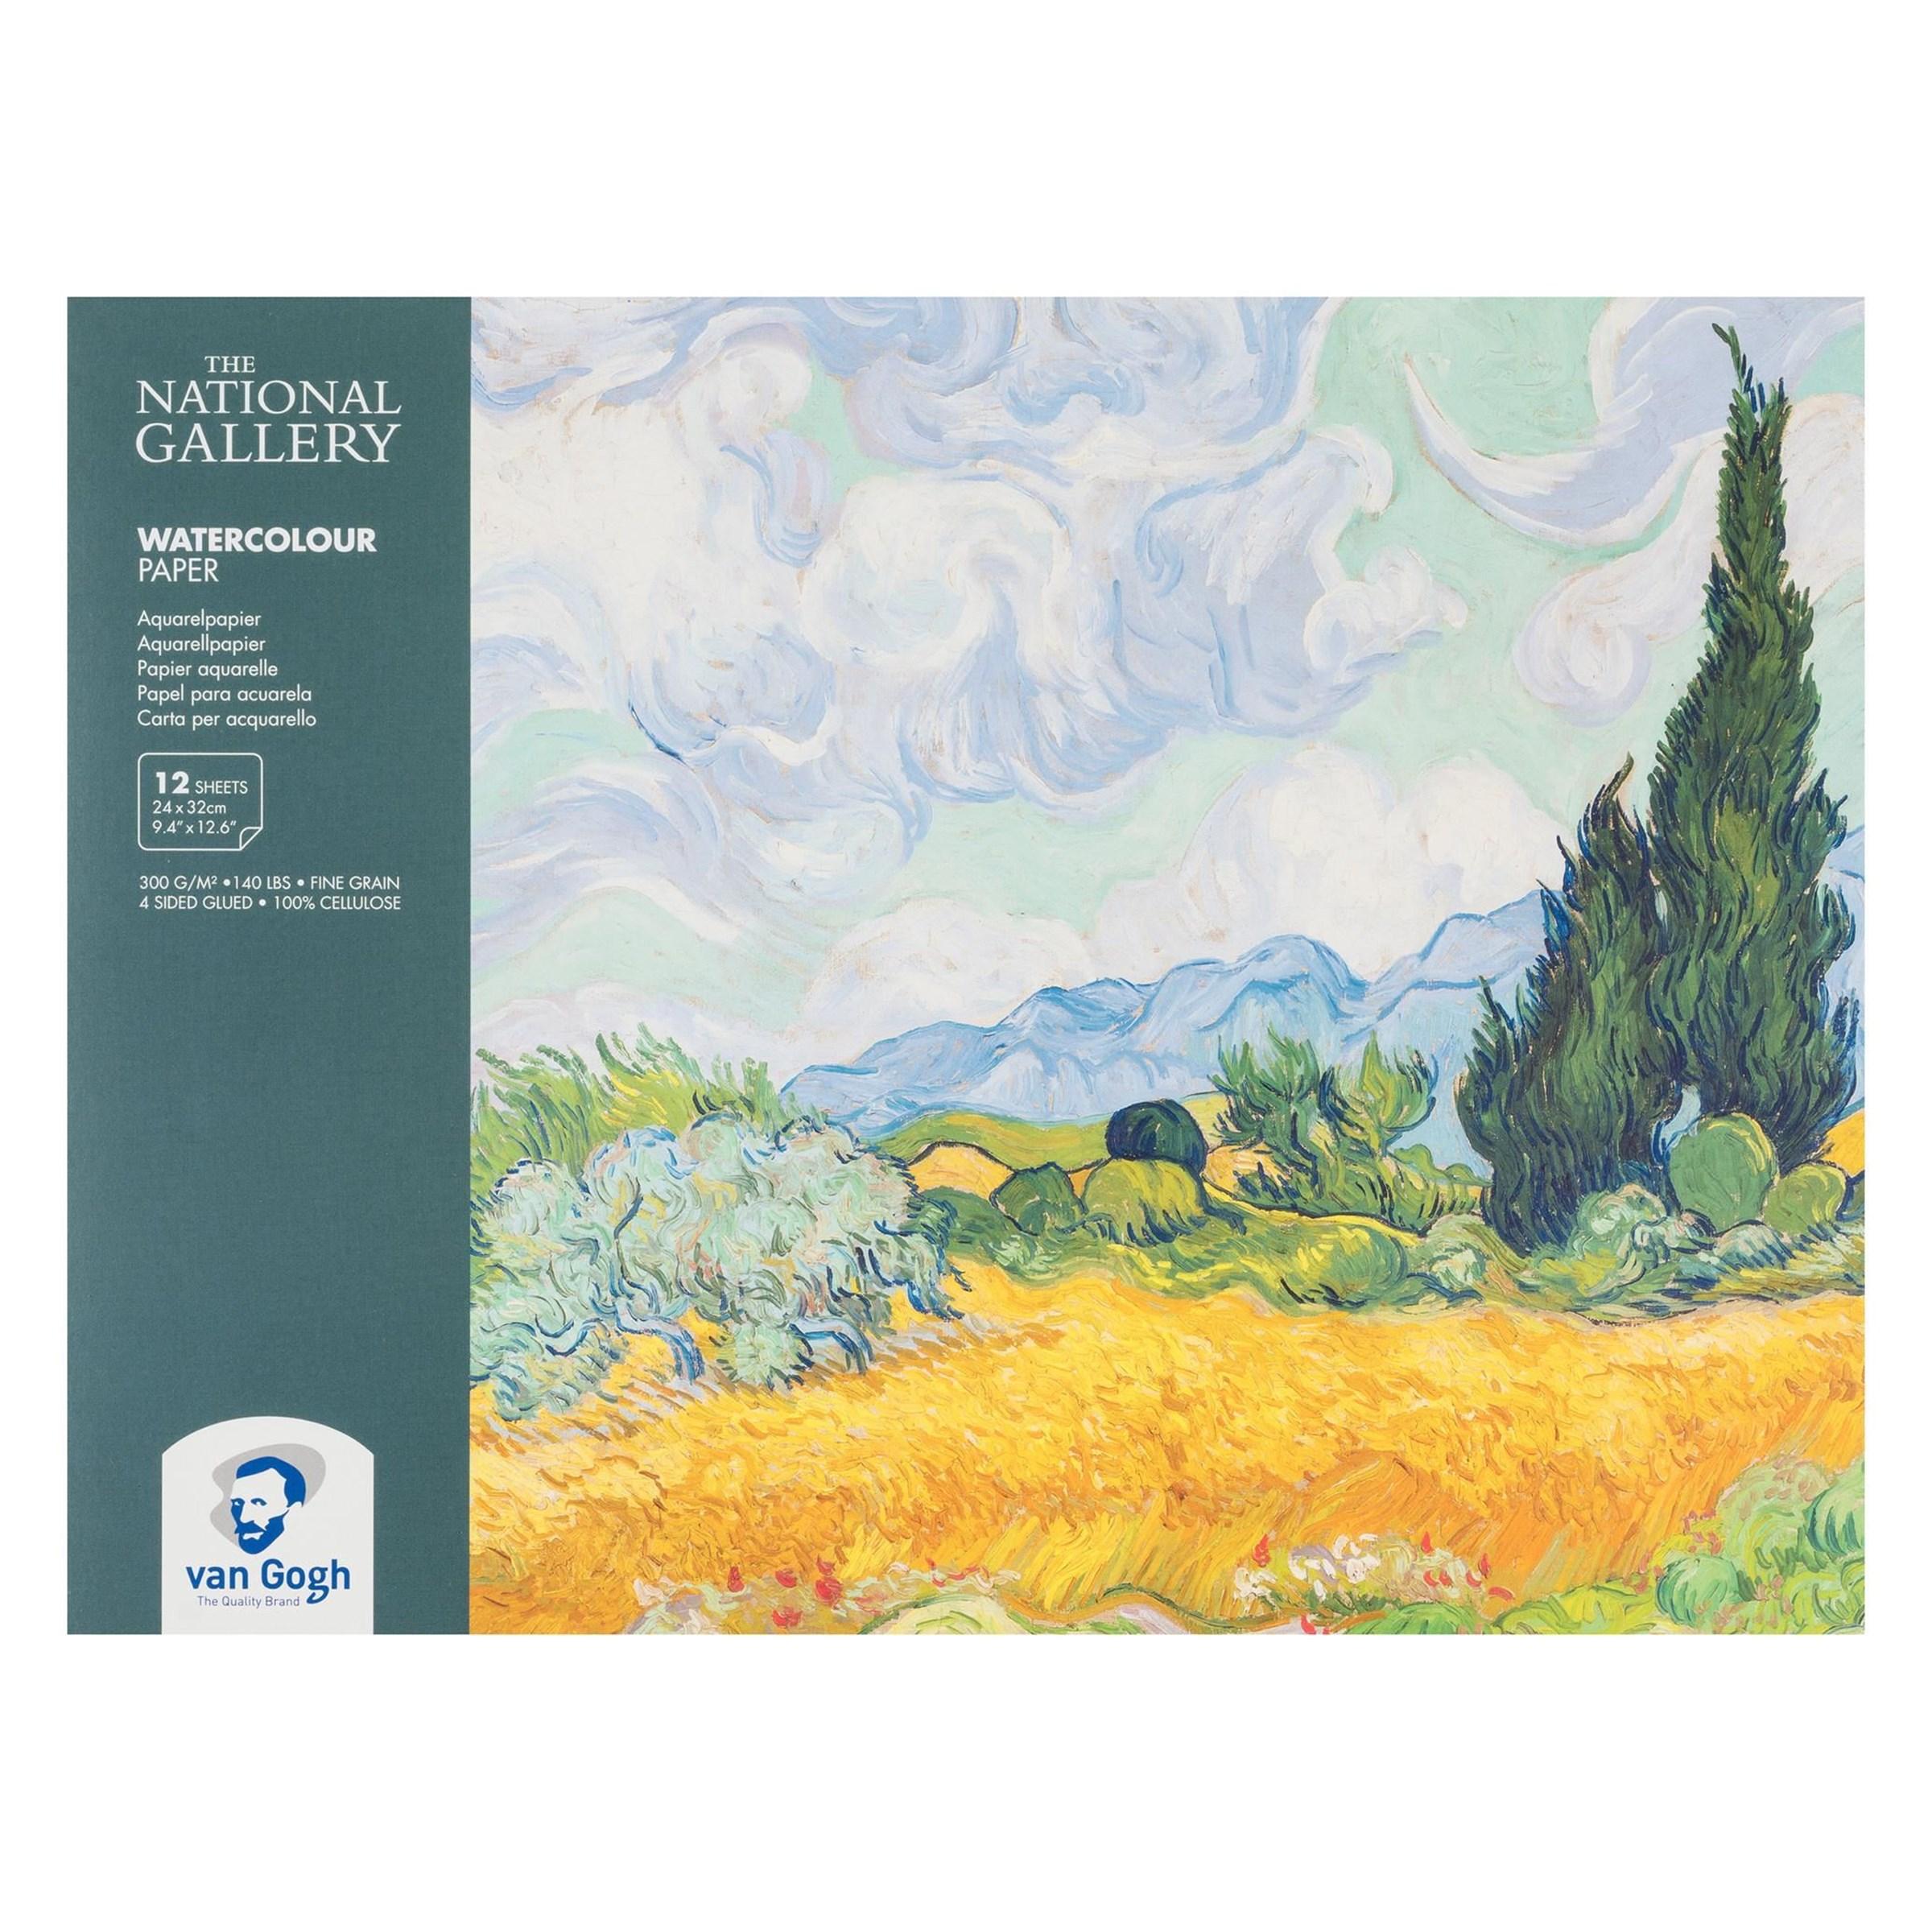 Aquarelverfpapier blok Van Gogh vij Angelart kunst en zo